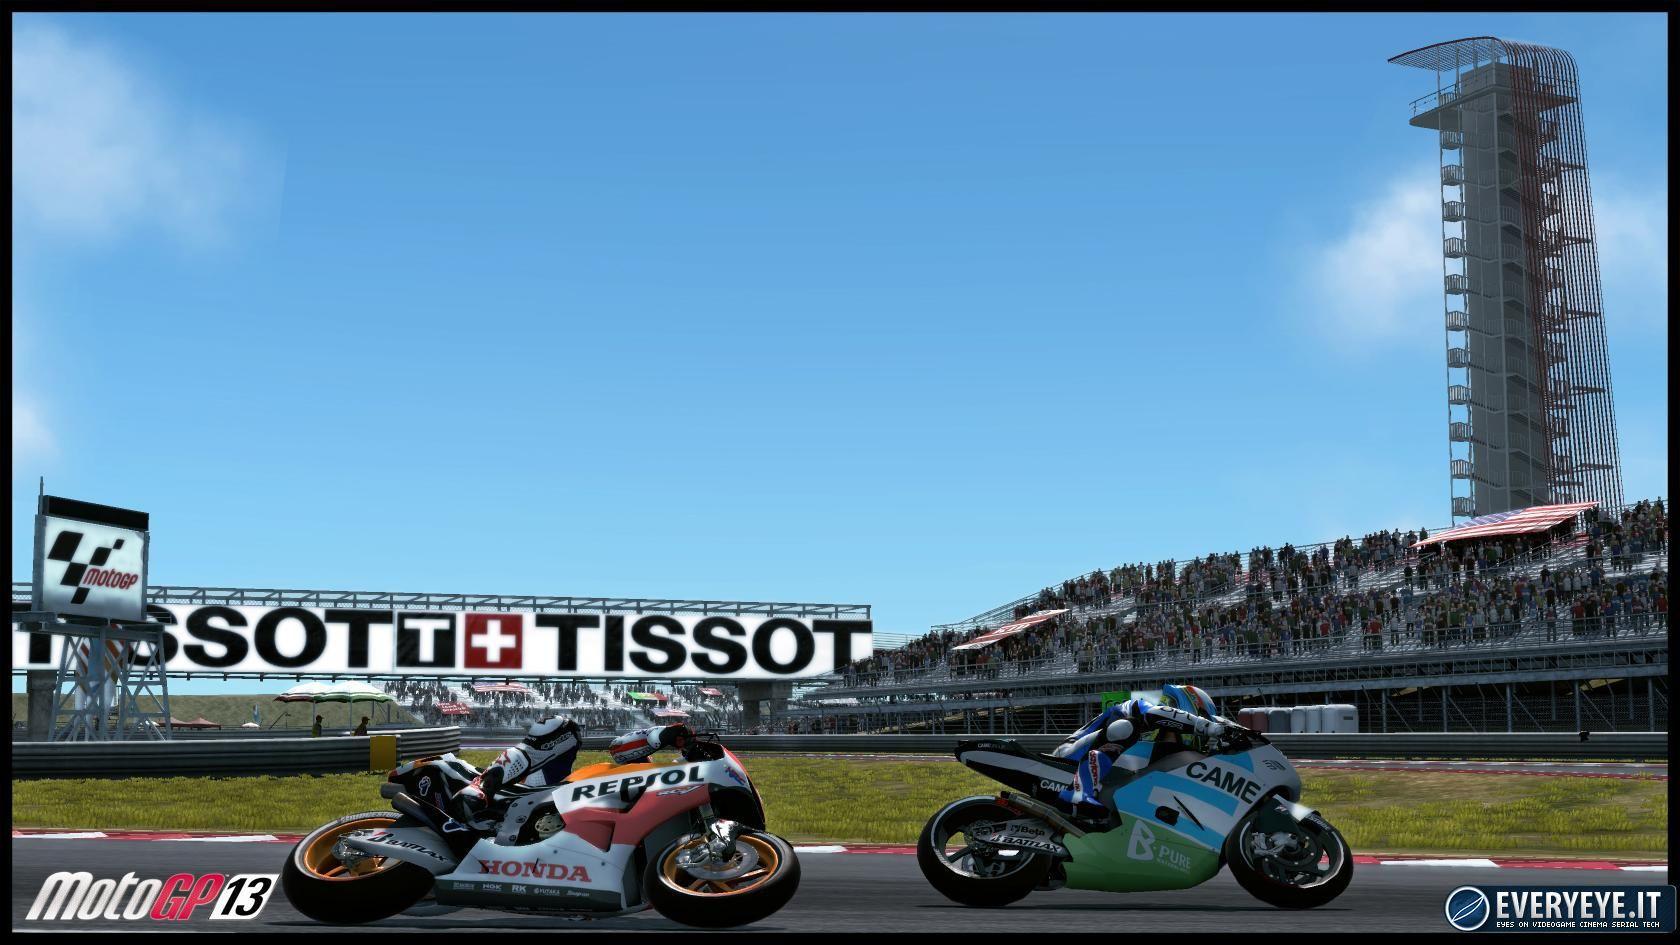 MotoGP 13 includerà il commento esclusivo di Guido Meda